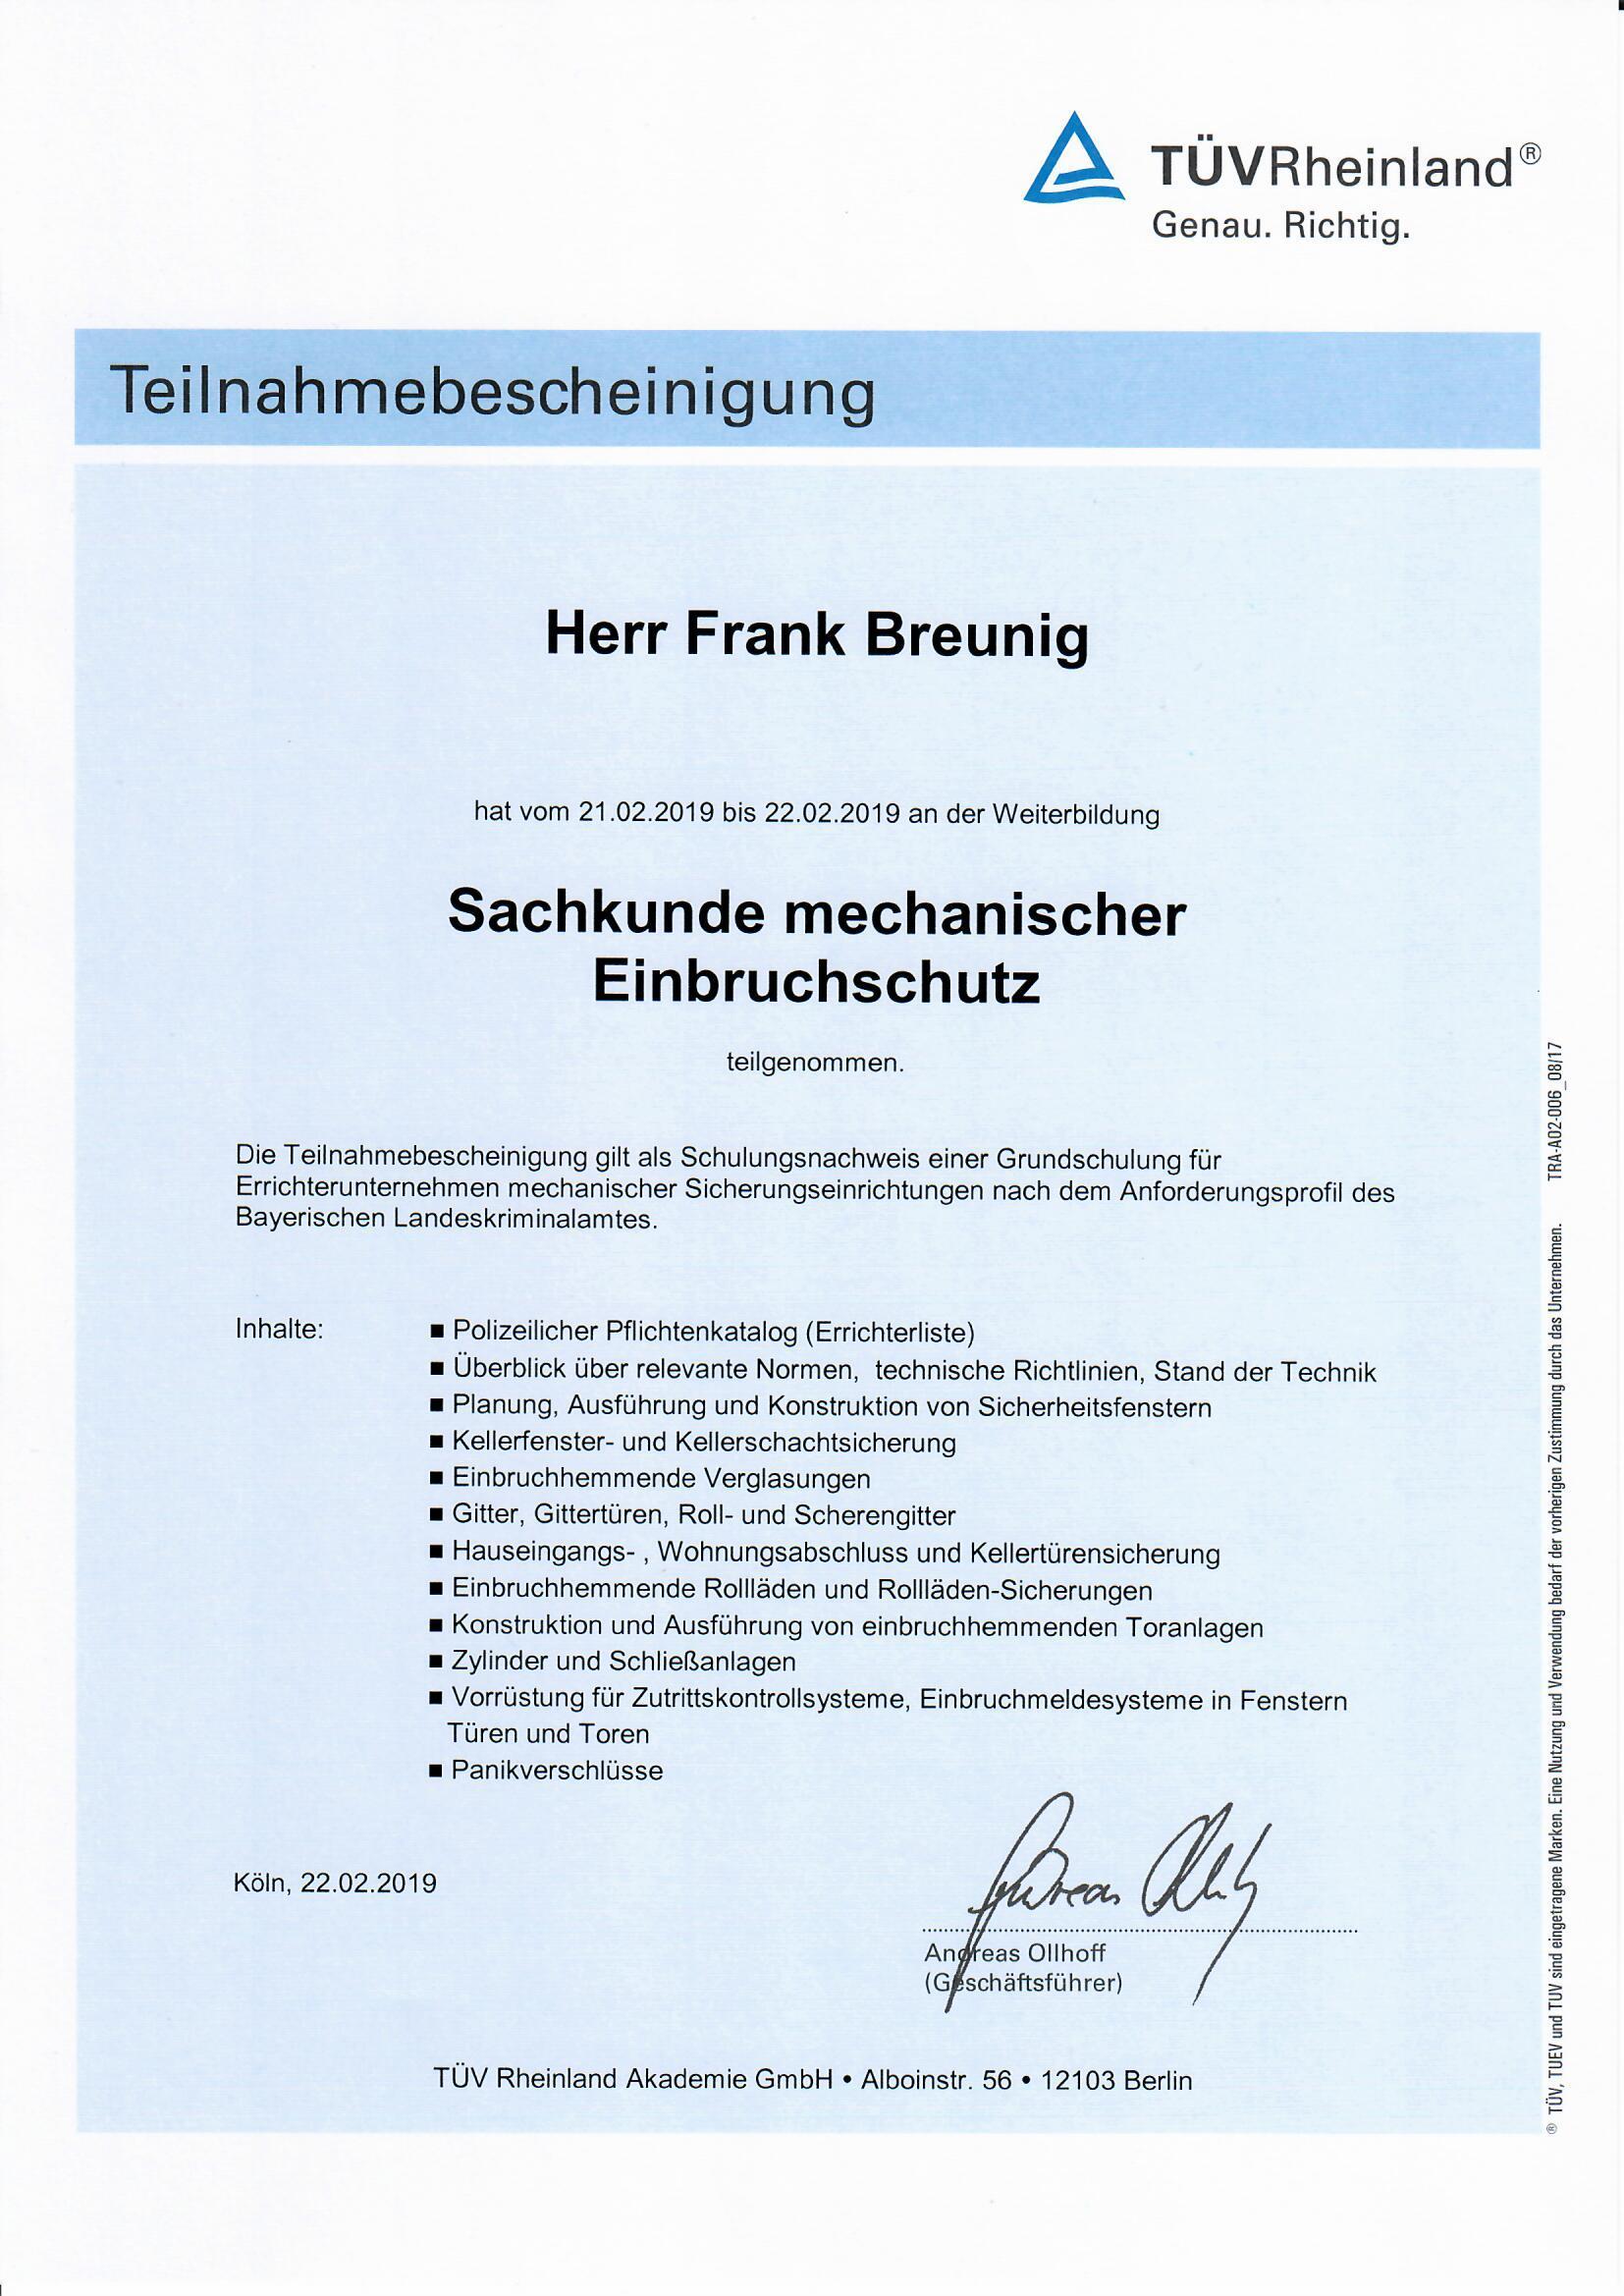 Frank Breunig Sicherheitstechnik Einbruchschutz